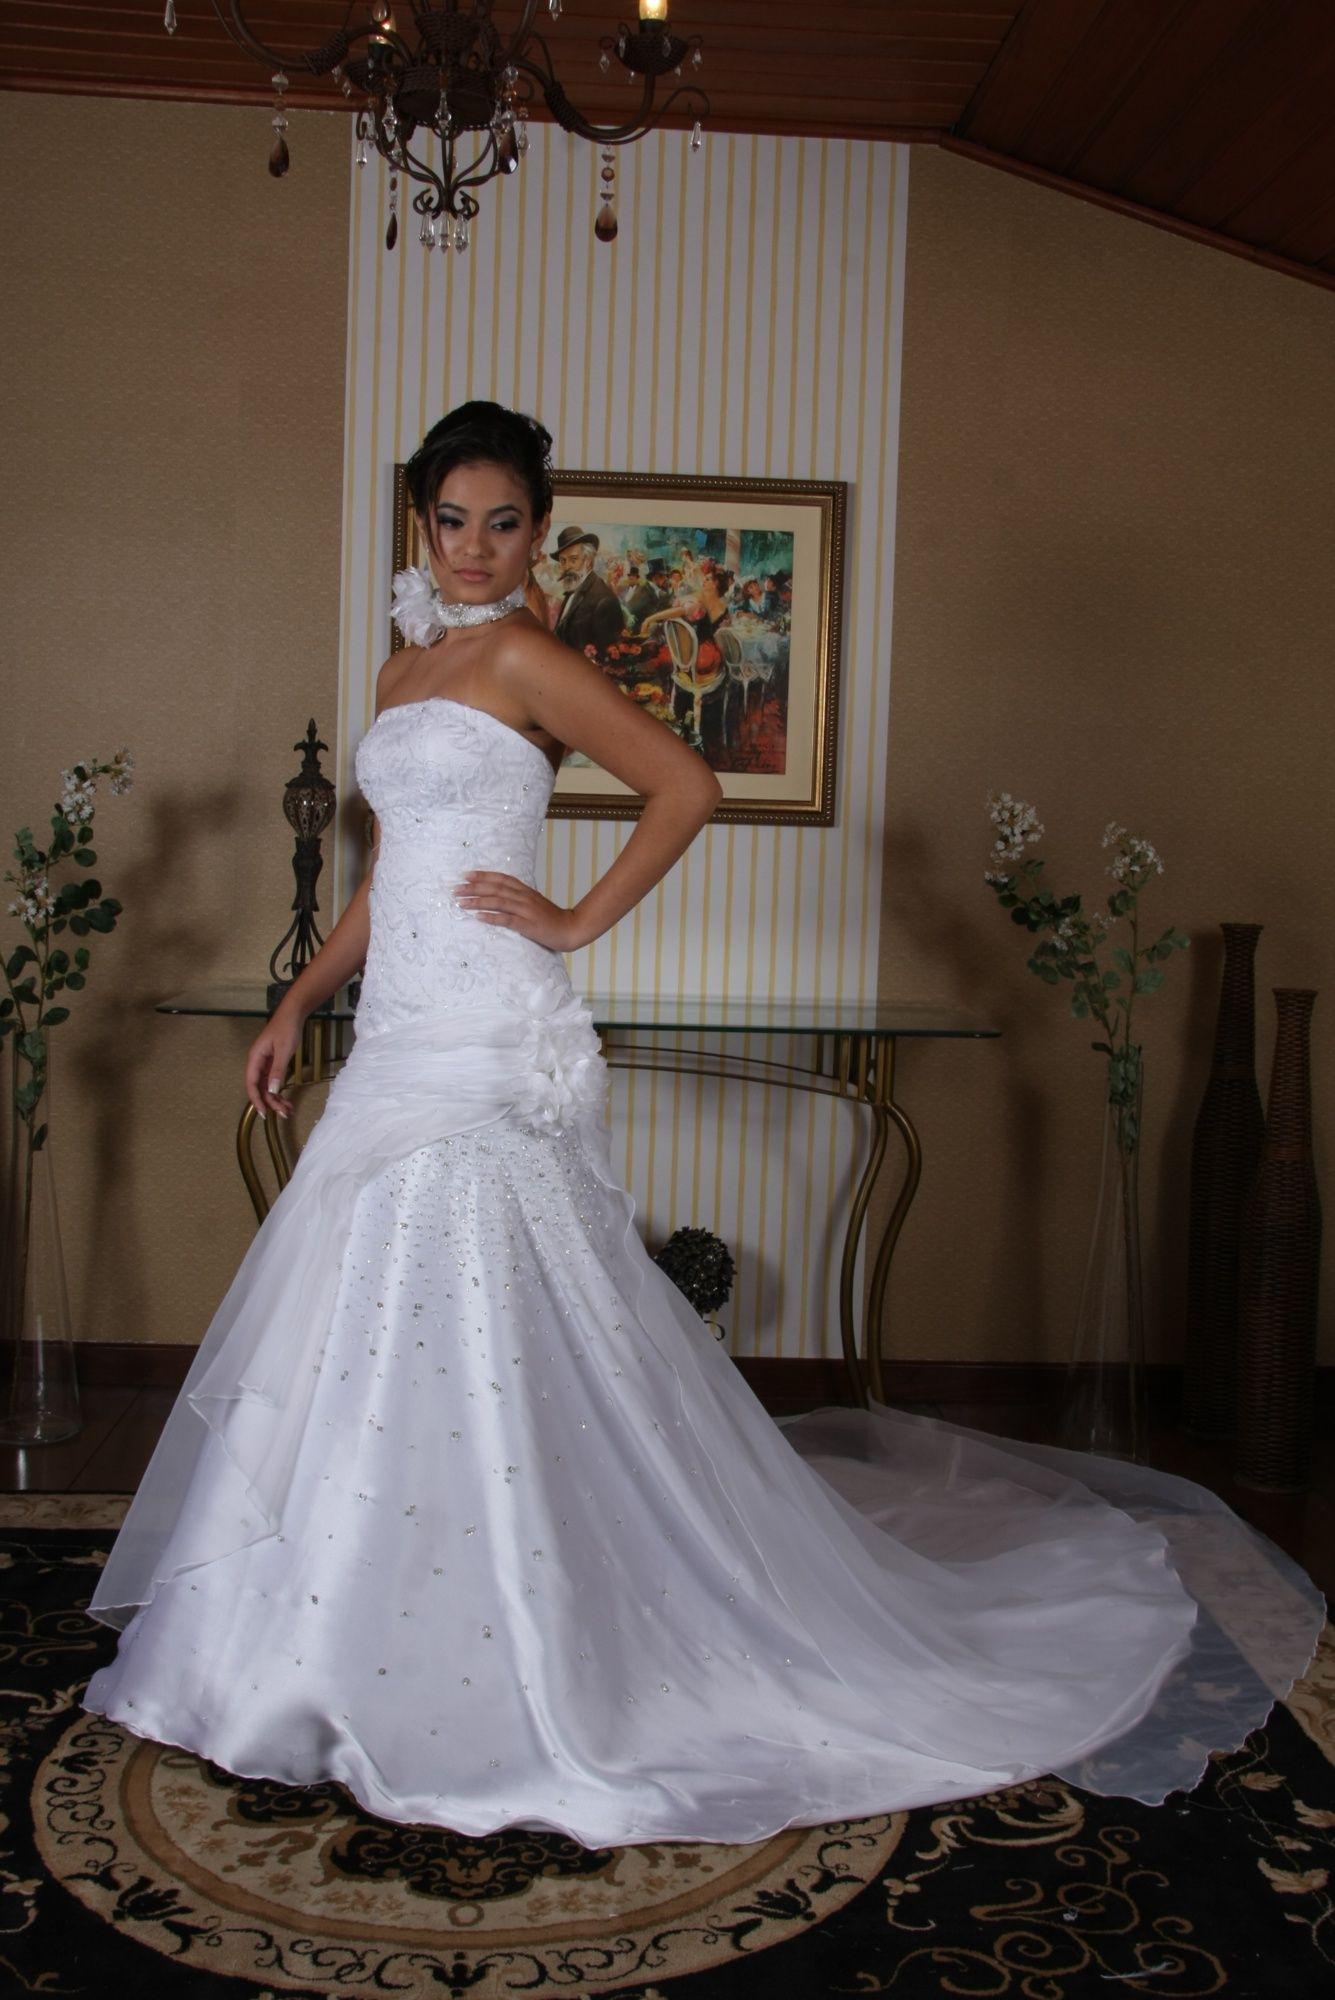 Vestido de Noiva Semi Sereia - 13 - Hipnose Alta Costura e Spa para Noivas e Noivos - Campinas - SP Vestido de Noiva, Vestido de Noiva Semi Sereia, Hipnose Alta Costura